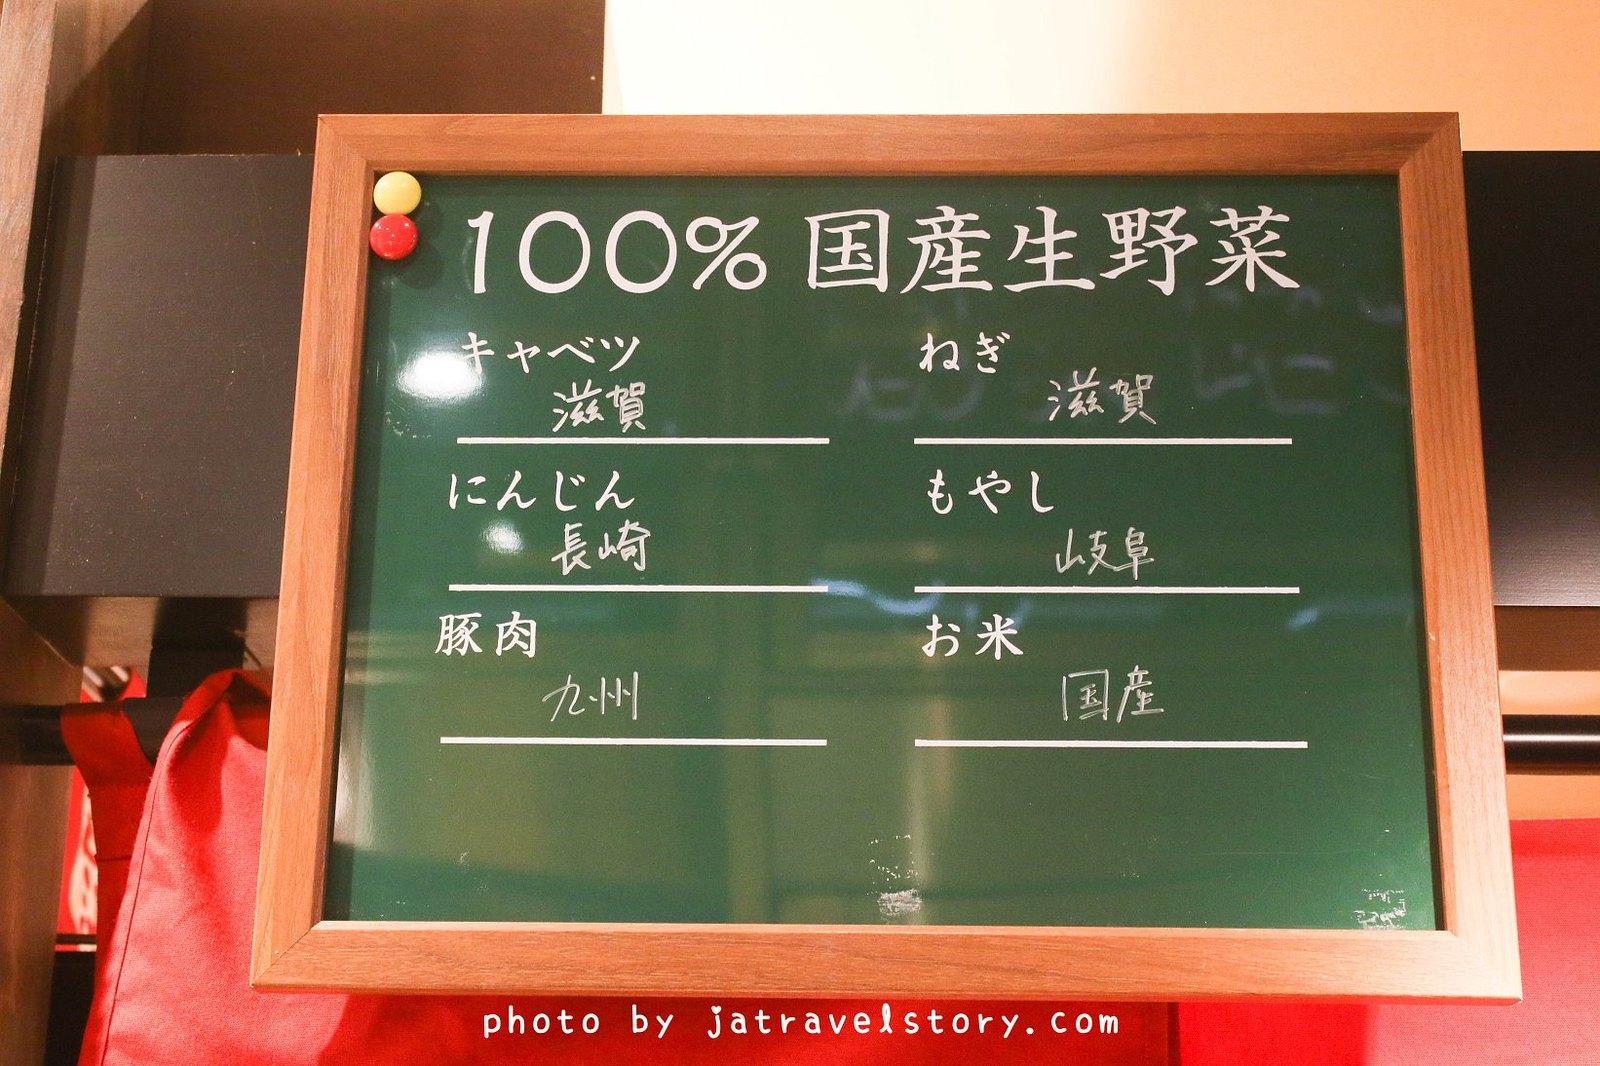 ちゃんぽん亭総本家 柚子胡椒湯帶有柚子清香,蔬菜份量實在【滋賀美食】大津車站美食 @J&A的旅行